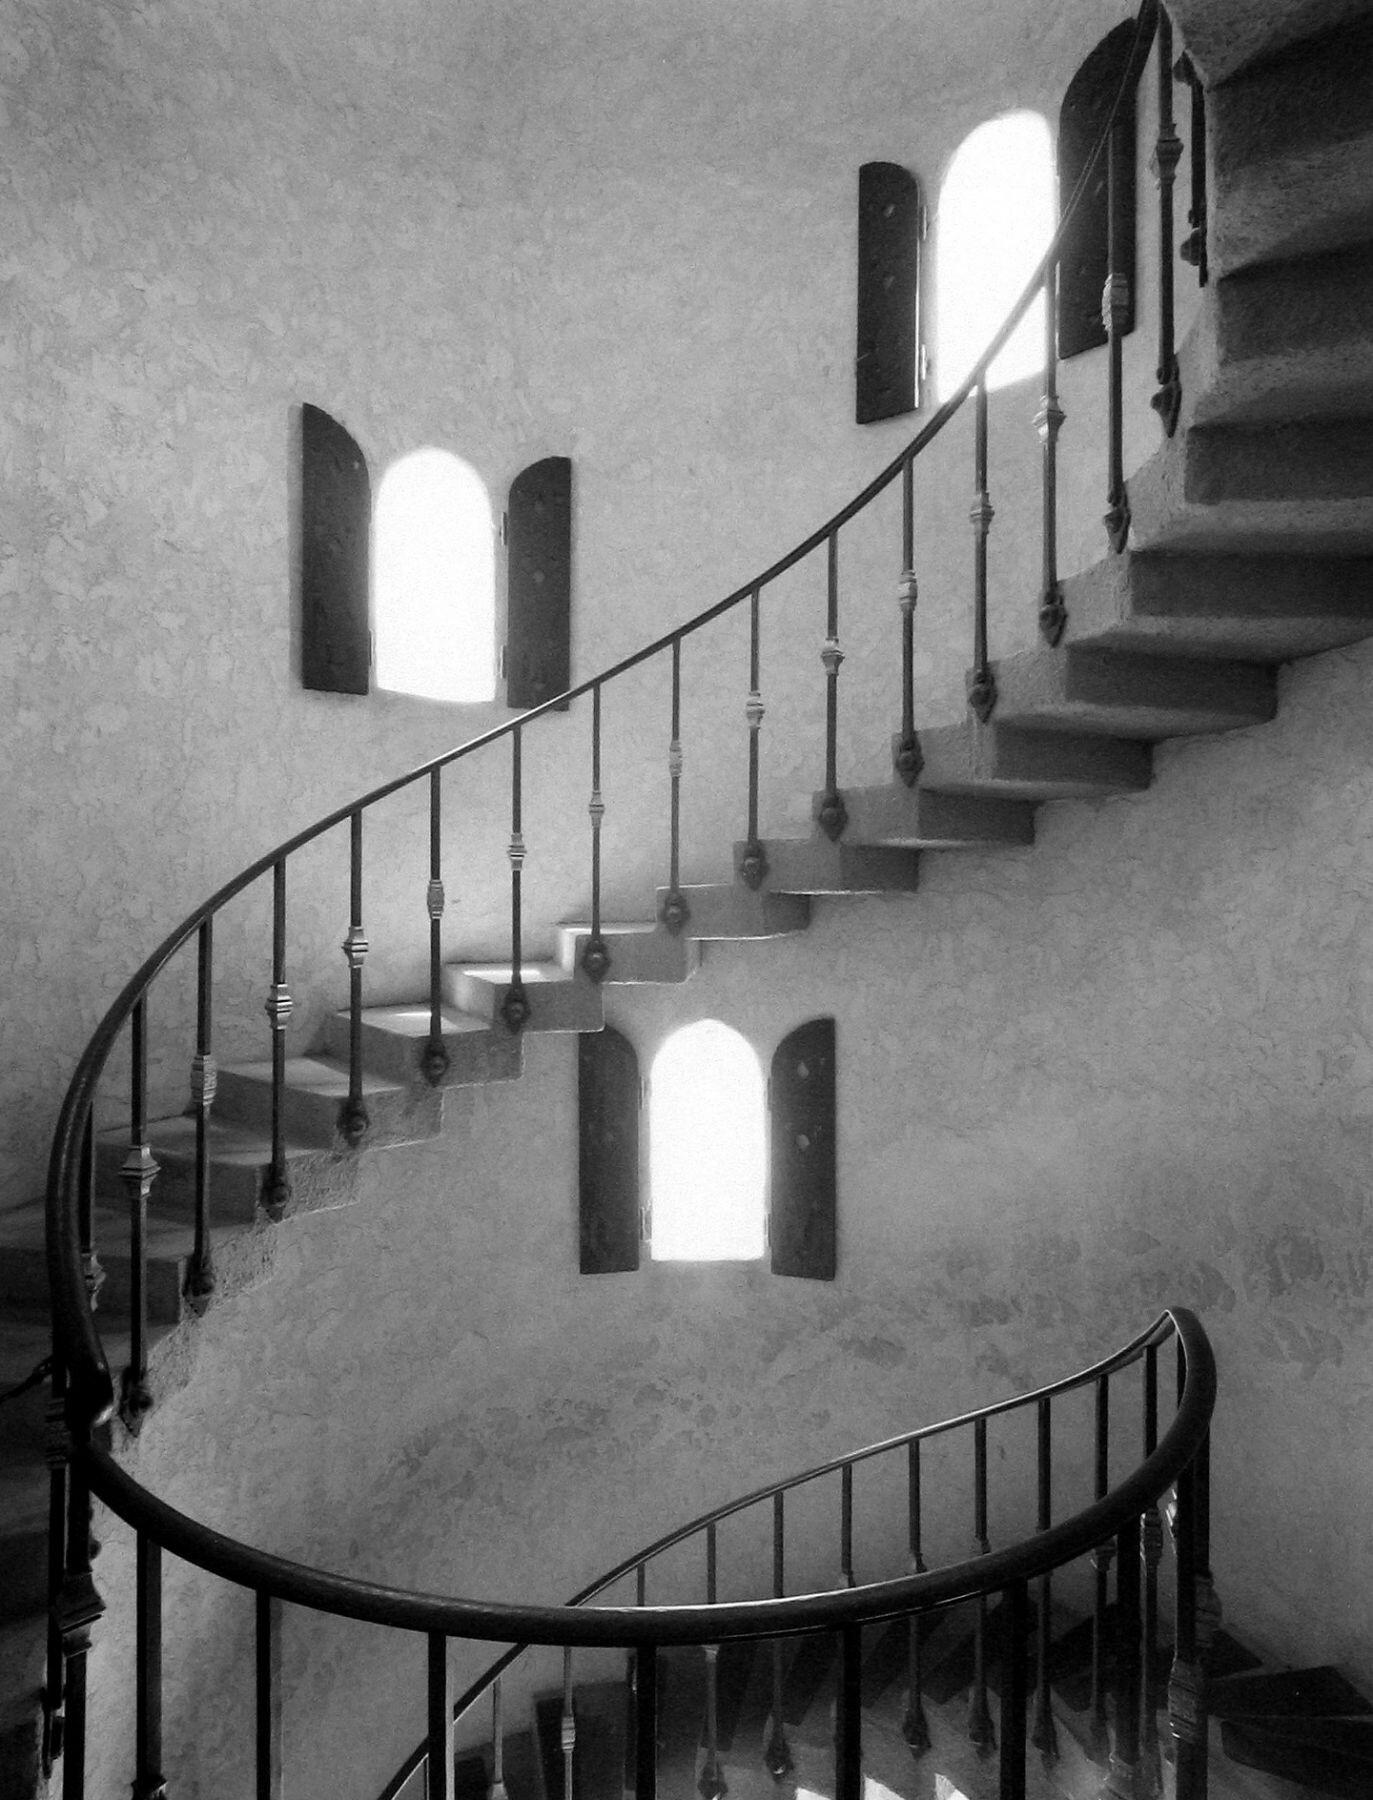 Башенная лестница. Замок Скотти, Долина Смерти, 1986. Фотограф Марк Ситрет